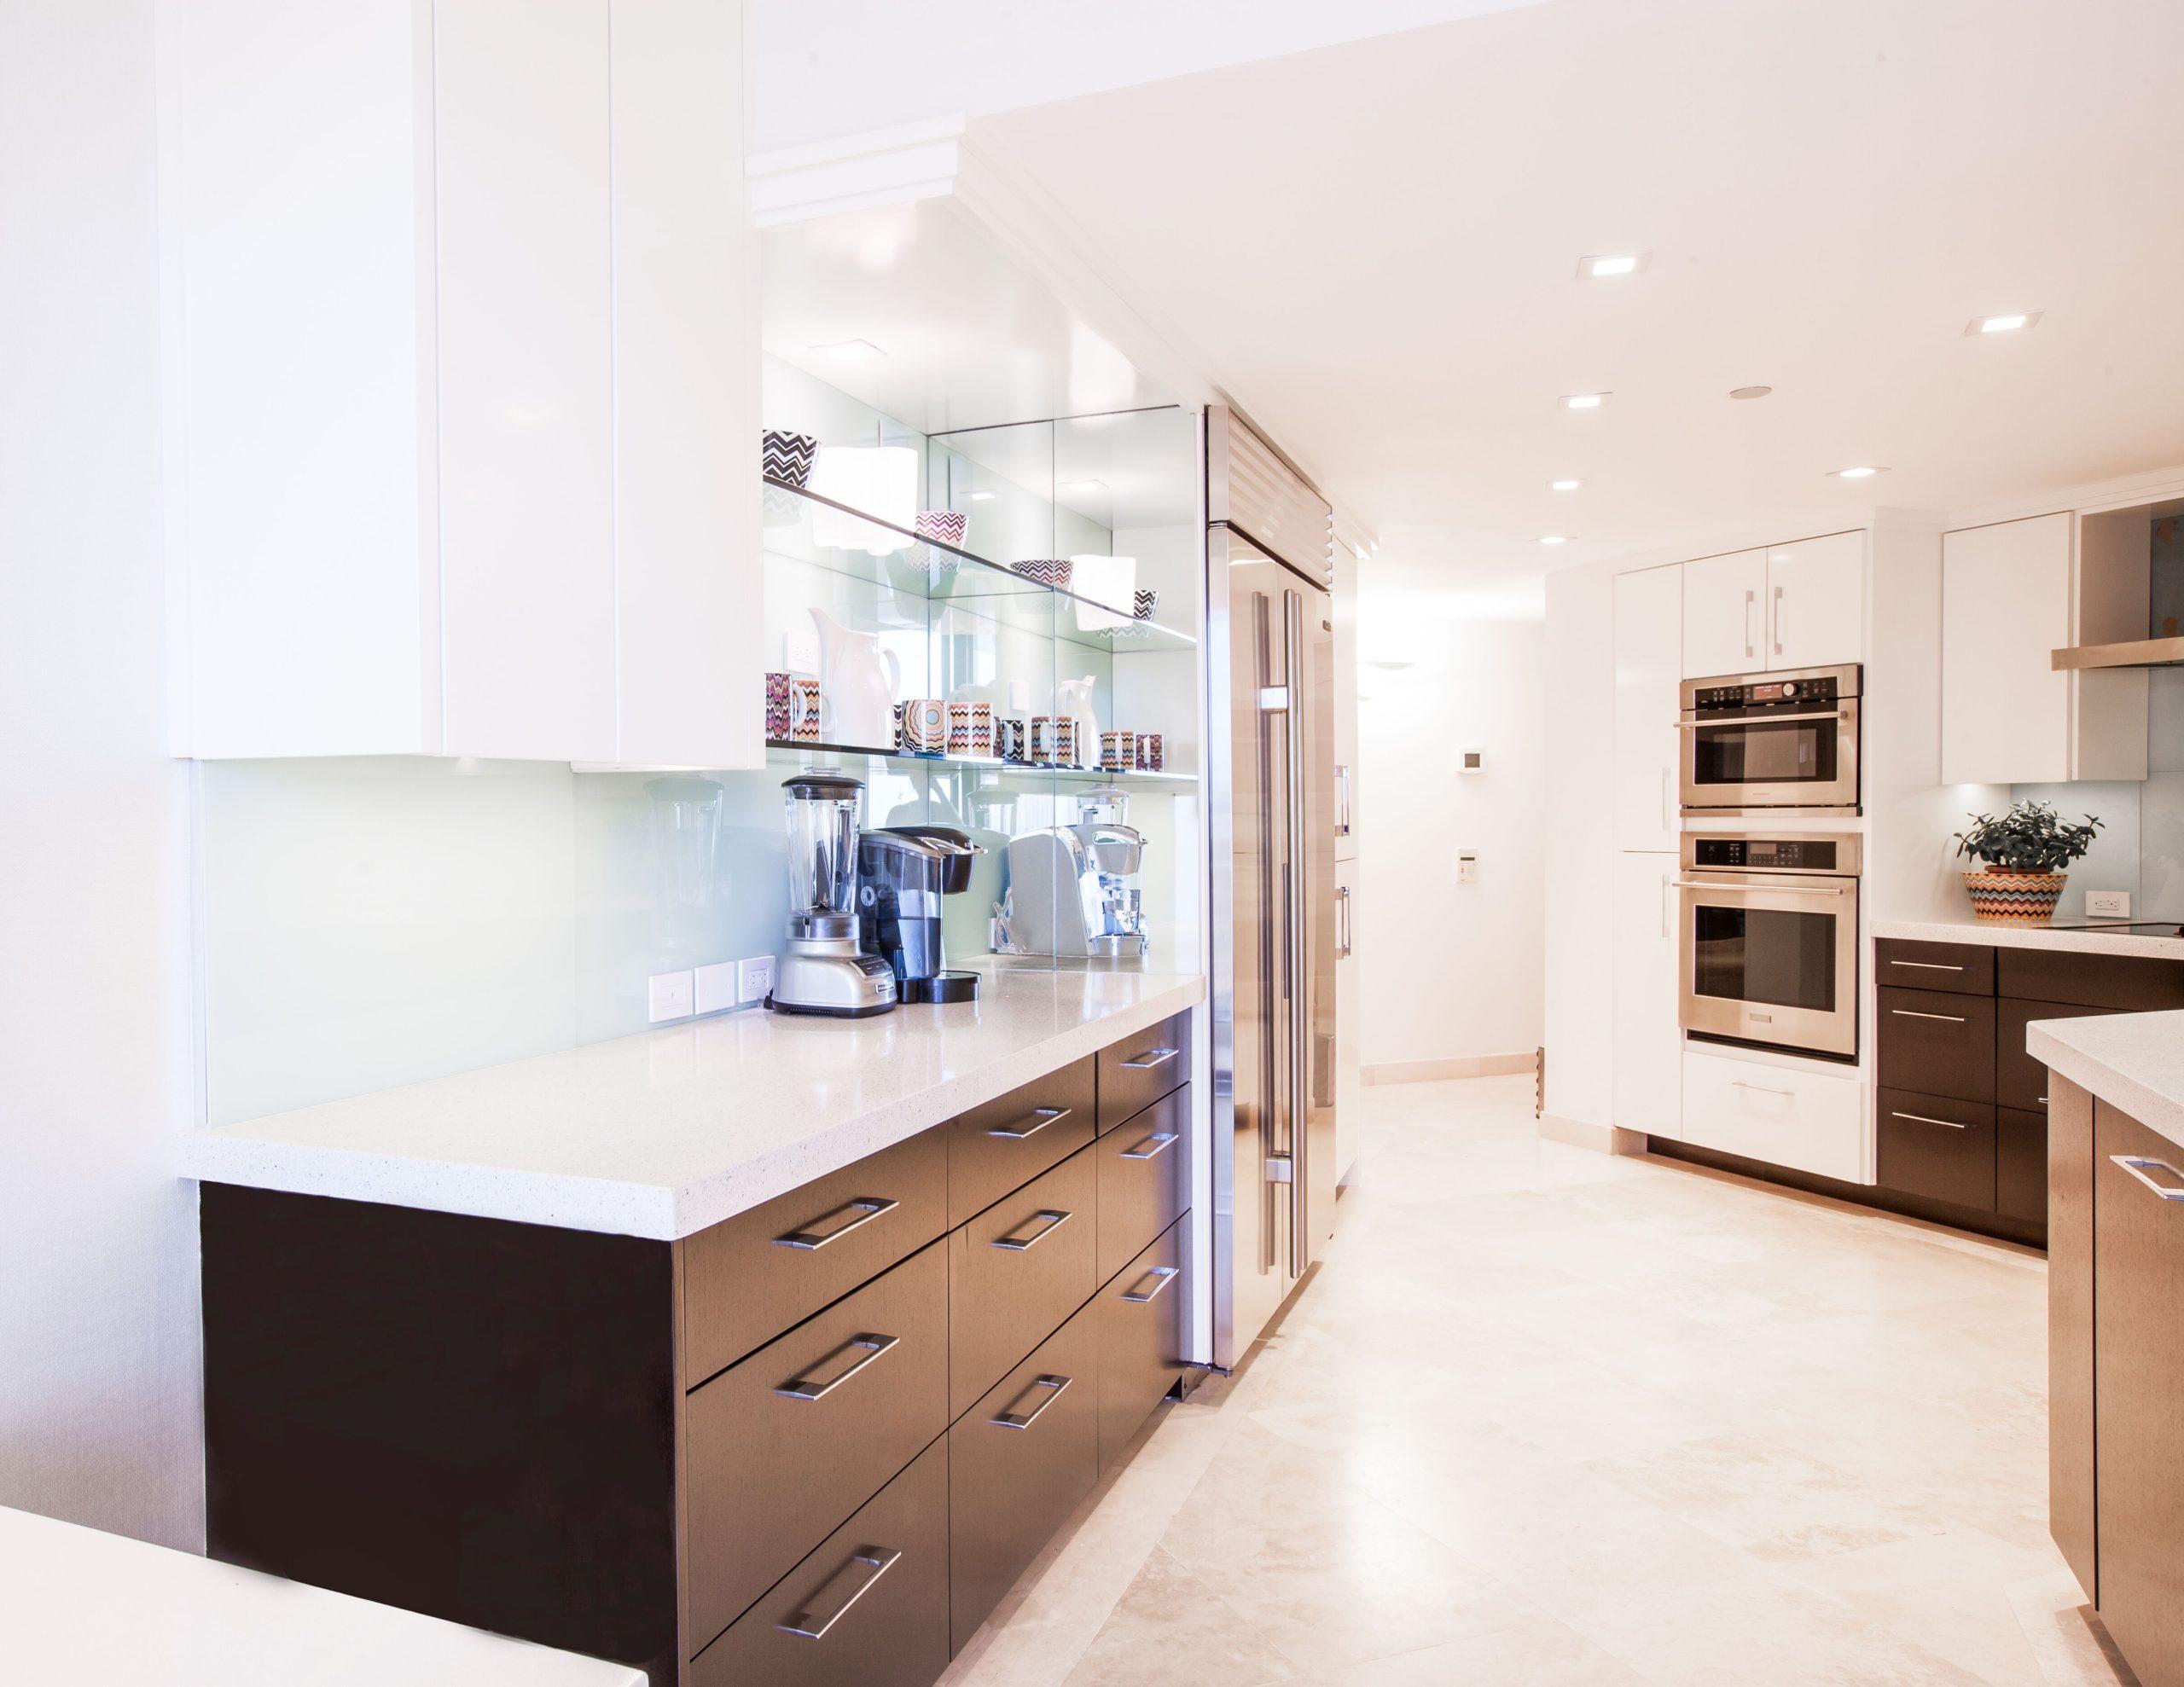 Kitchen | Interior Designer Kevin Gray